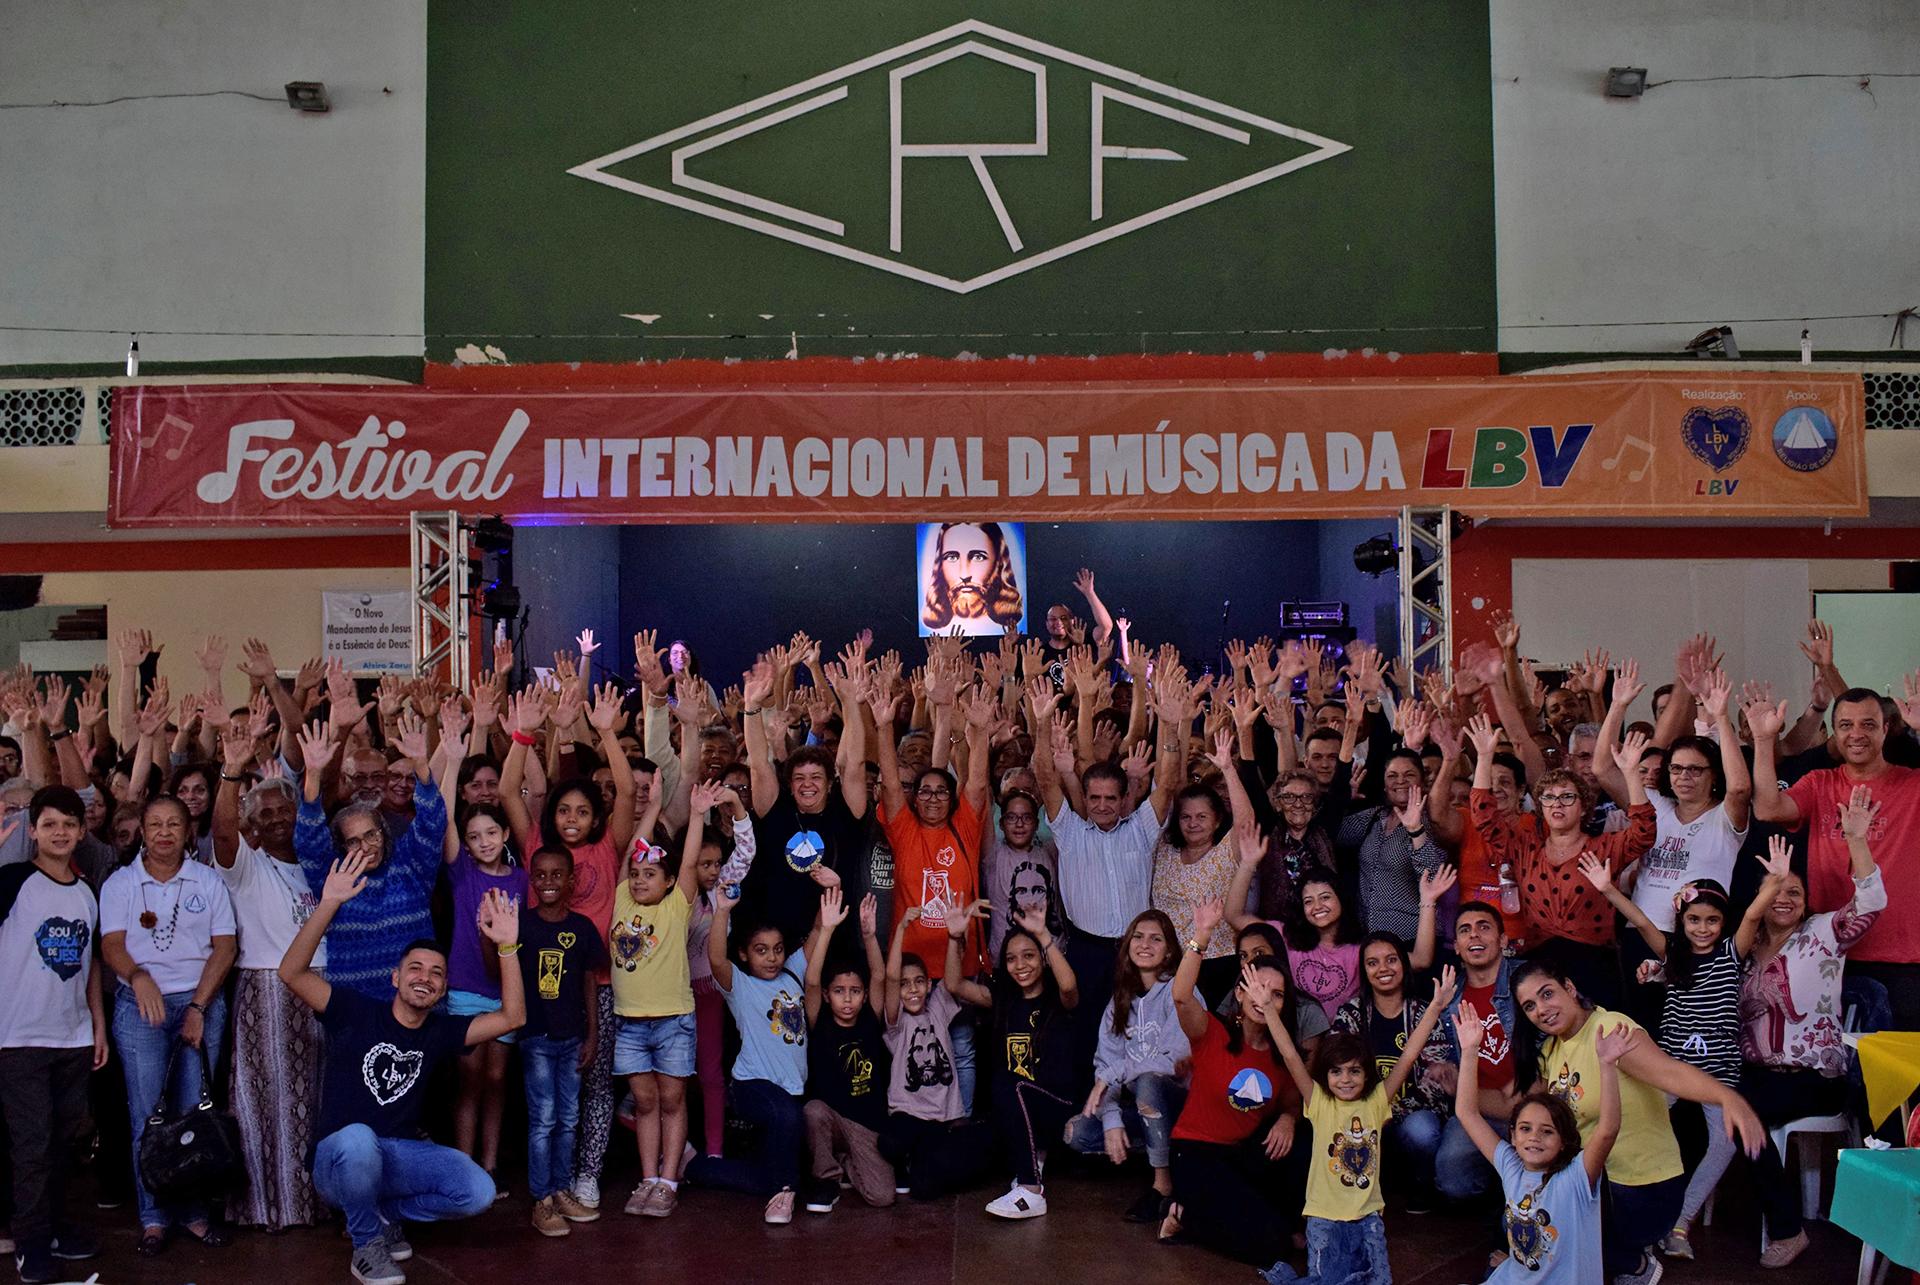 """Engenheiro Paulo de Frontin, RJ - A tese """"A Urgência de viver o 'Amai-vos como Eu vos amei', de Jesus"""", de autoria do escritor Paiva Netto, foi a inspiração para as apresentações no Festival Internacional de Música, da LBV, que reuniu todo o Estado do Rio de Janeiro."""